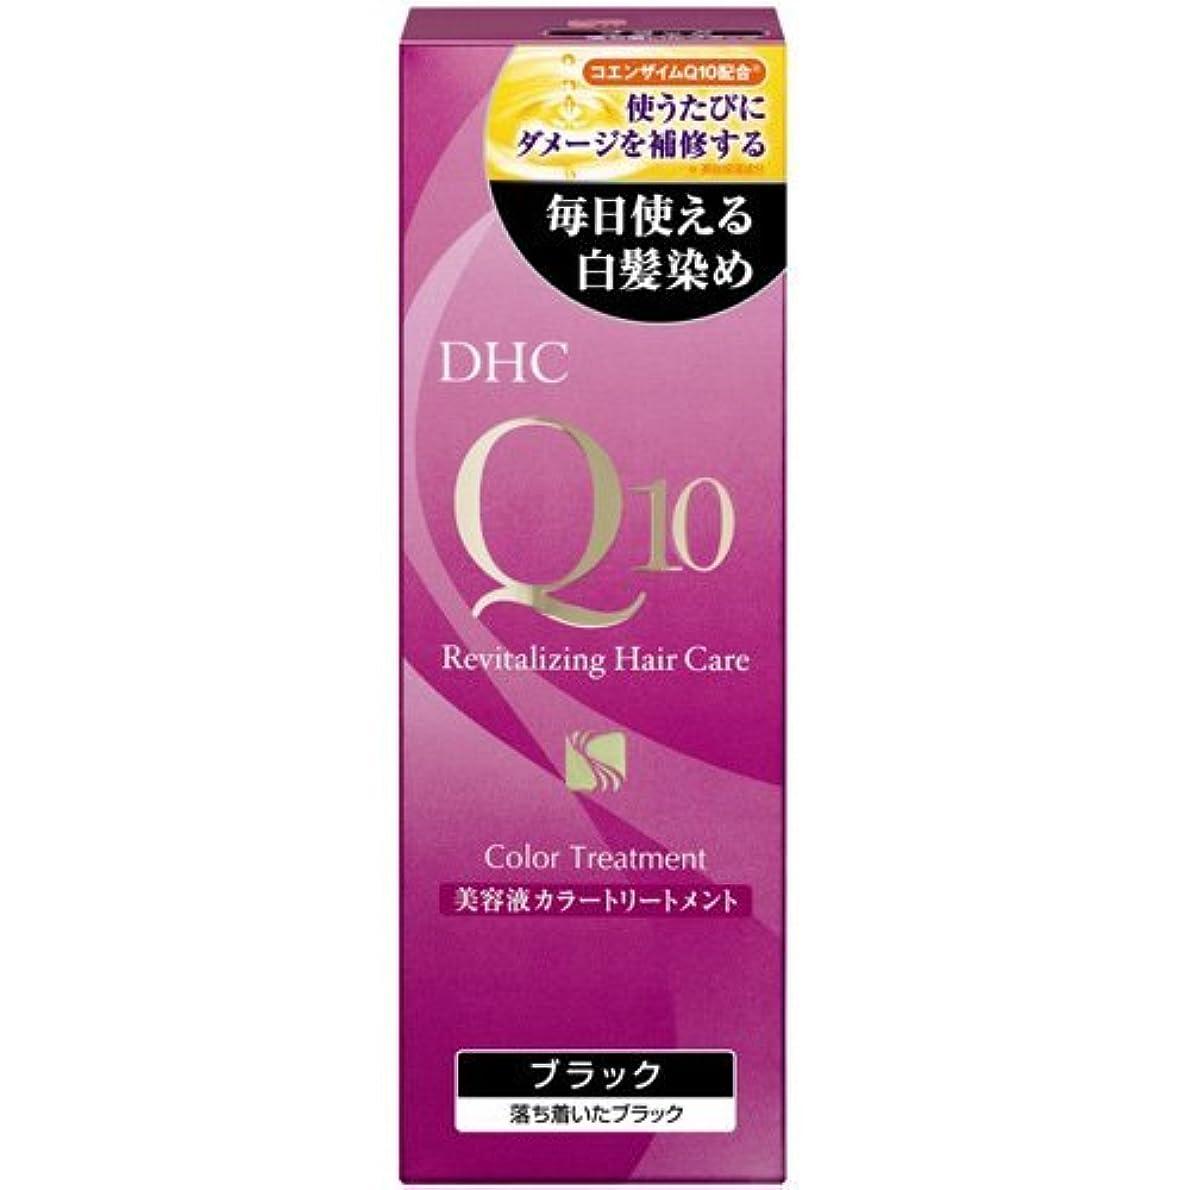 【まとめ買い】DHC Q10美溶液カラートリートメントブラックSS170g ×5個